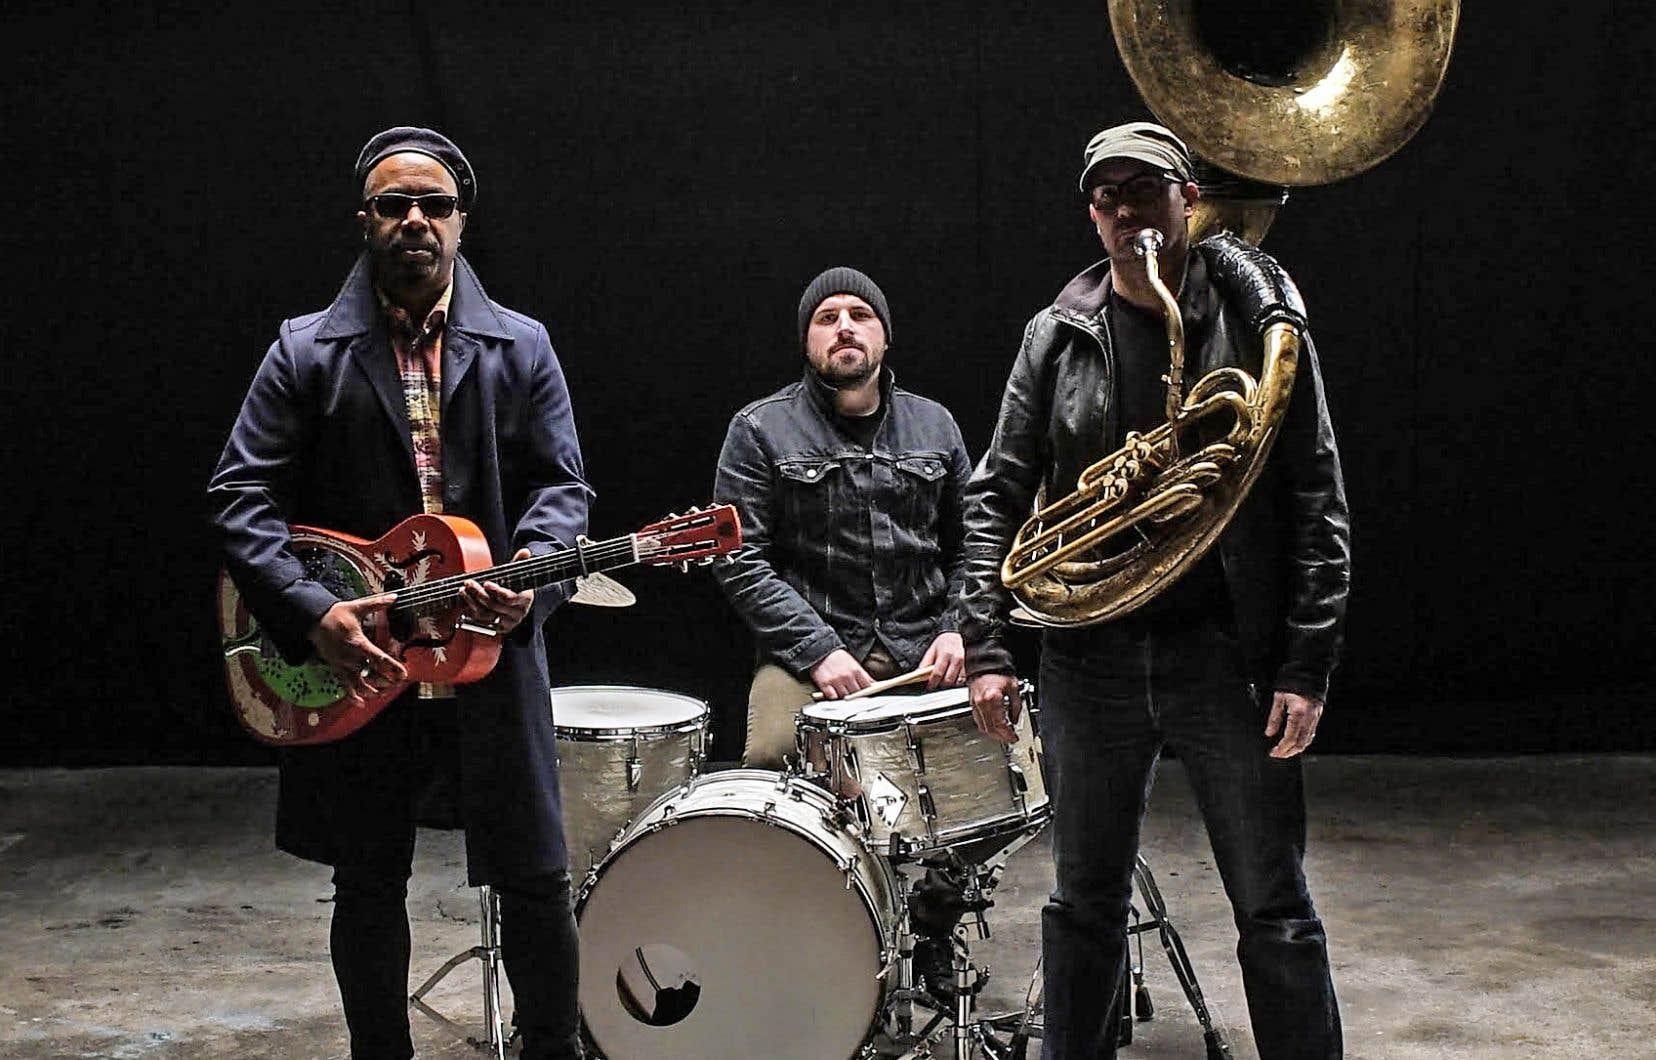 Le trio Delgrès est composé du guitariste, chanteur et compositeur Pascal Danaë, du batteur Baptiste Brondy et du tubiste Rafgee.